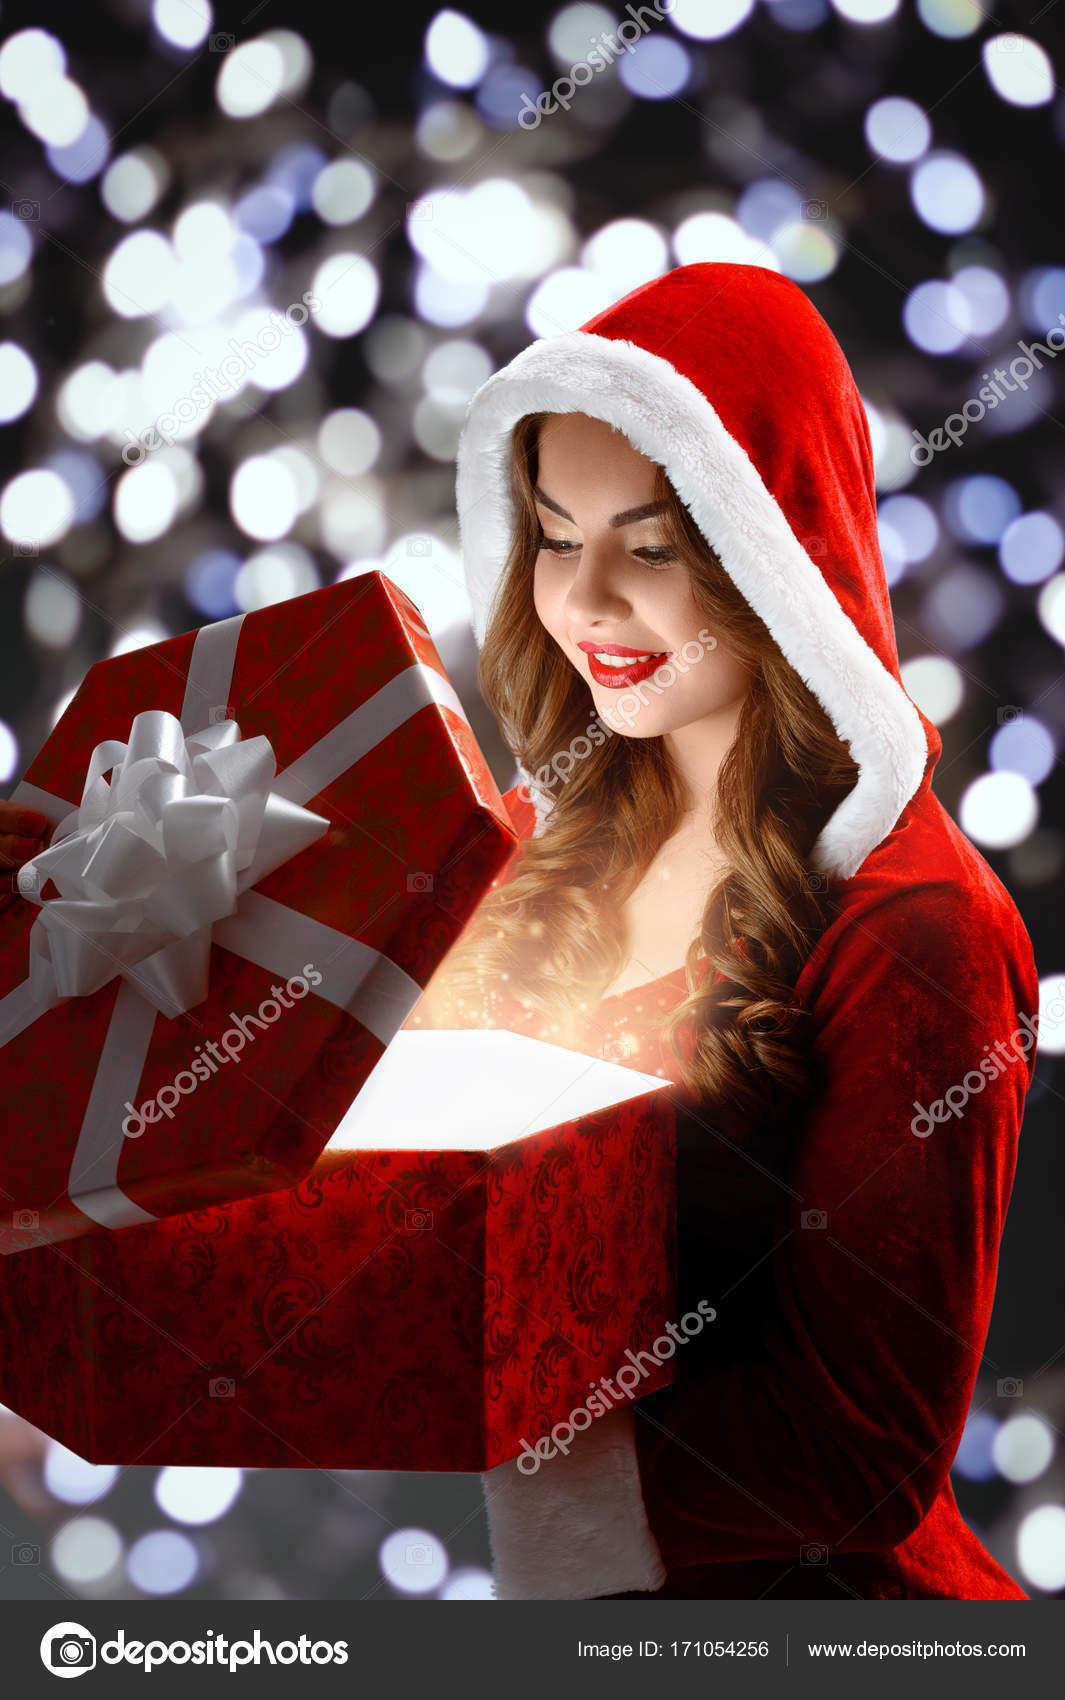 Schneewittchen im roten Anzug öffnet ein rotes Geschenk für ...